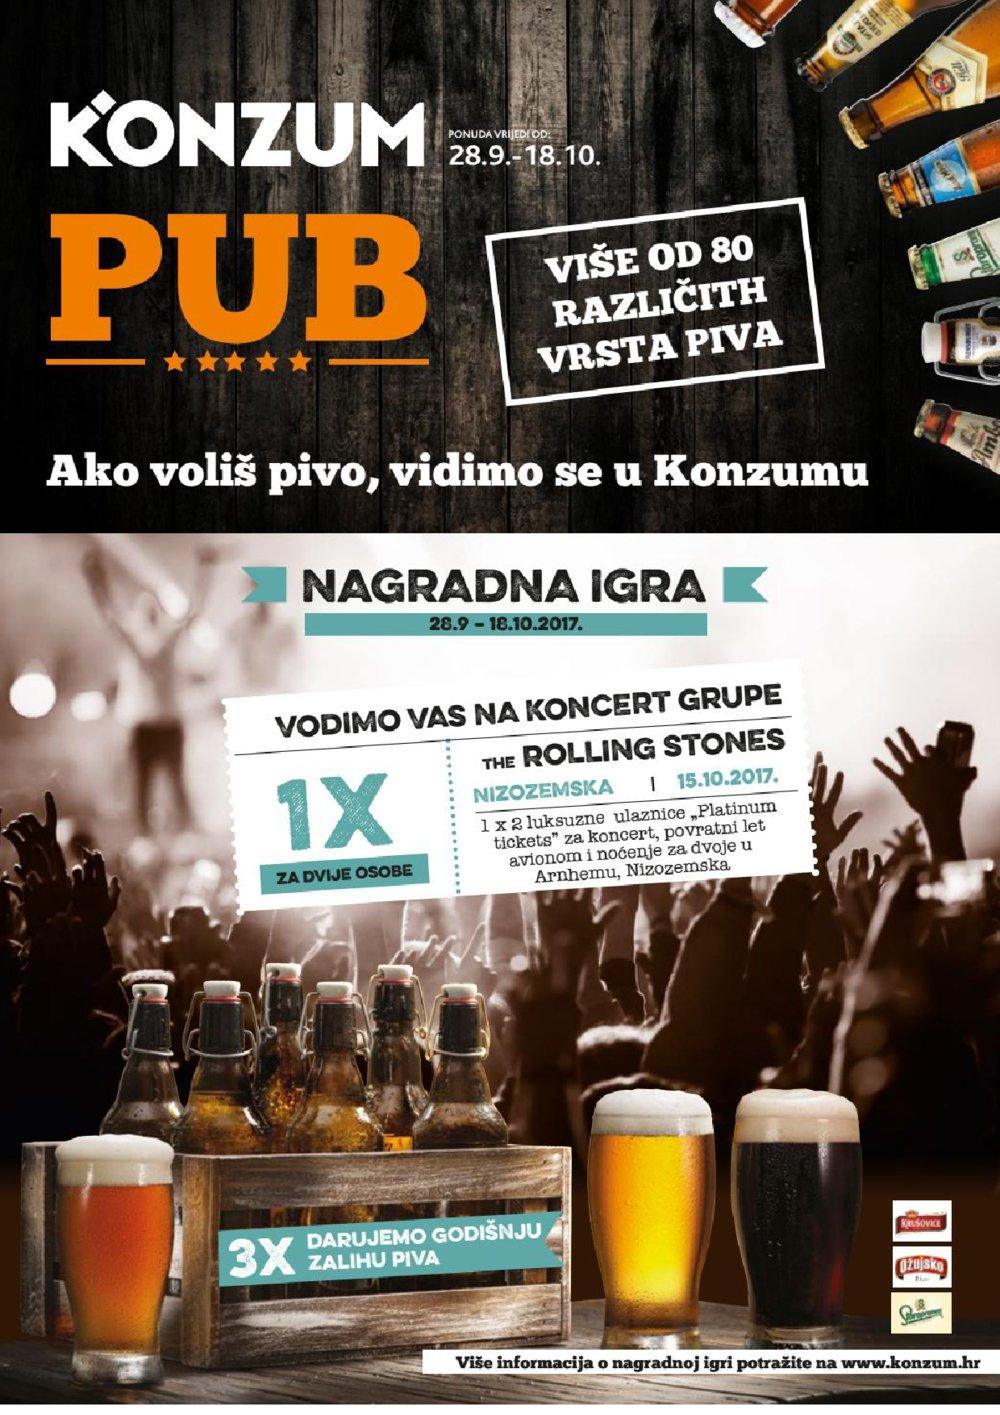 Konzum katalog Konzum Pub 28.09.-18.10.2017.